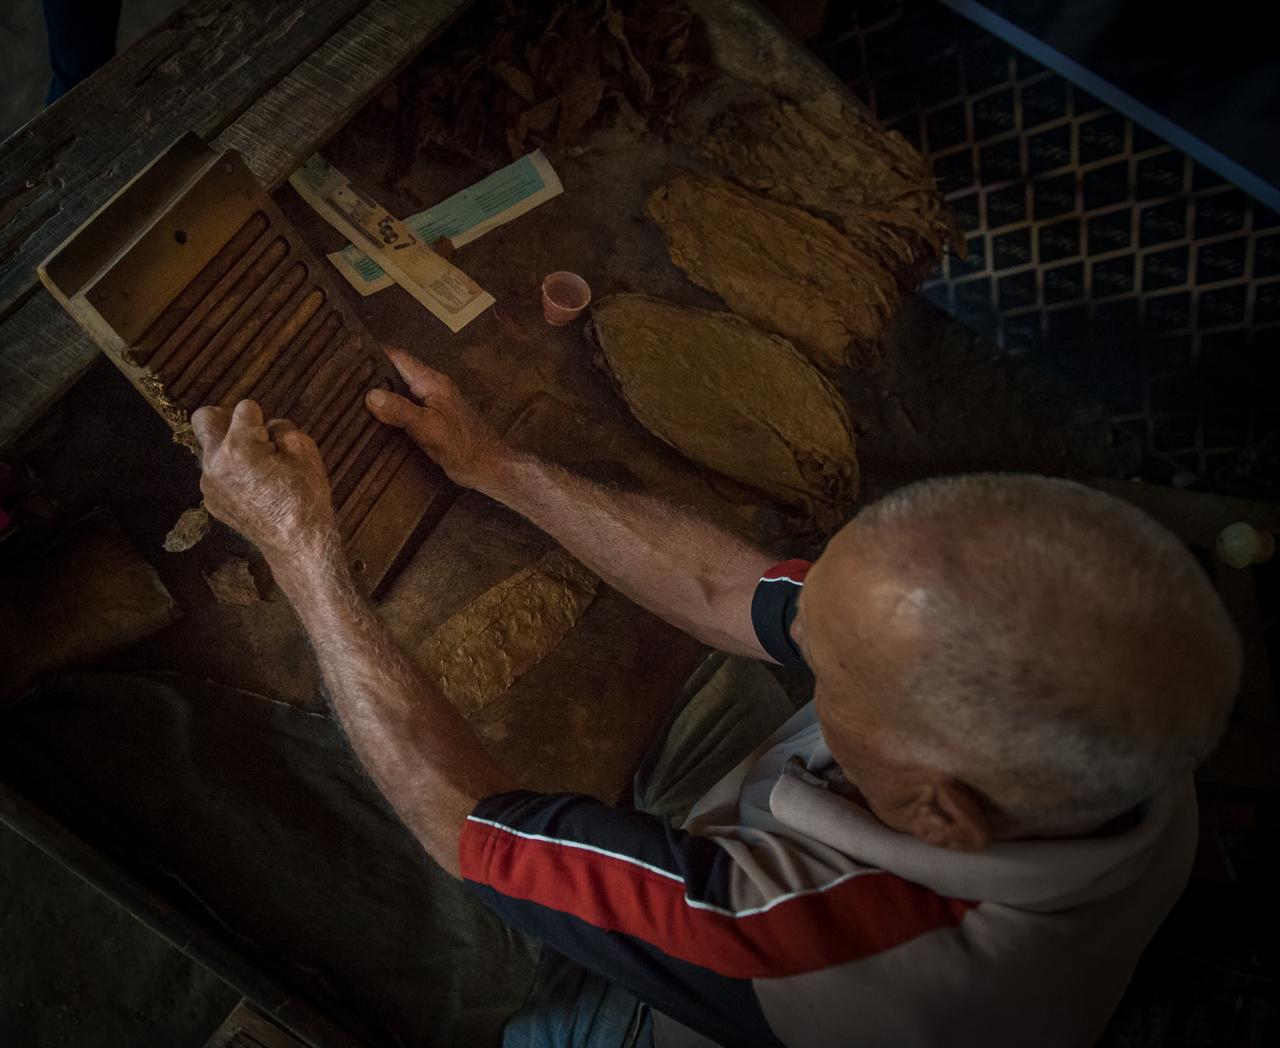 Cigar rolling man,  Pinar del Rio